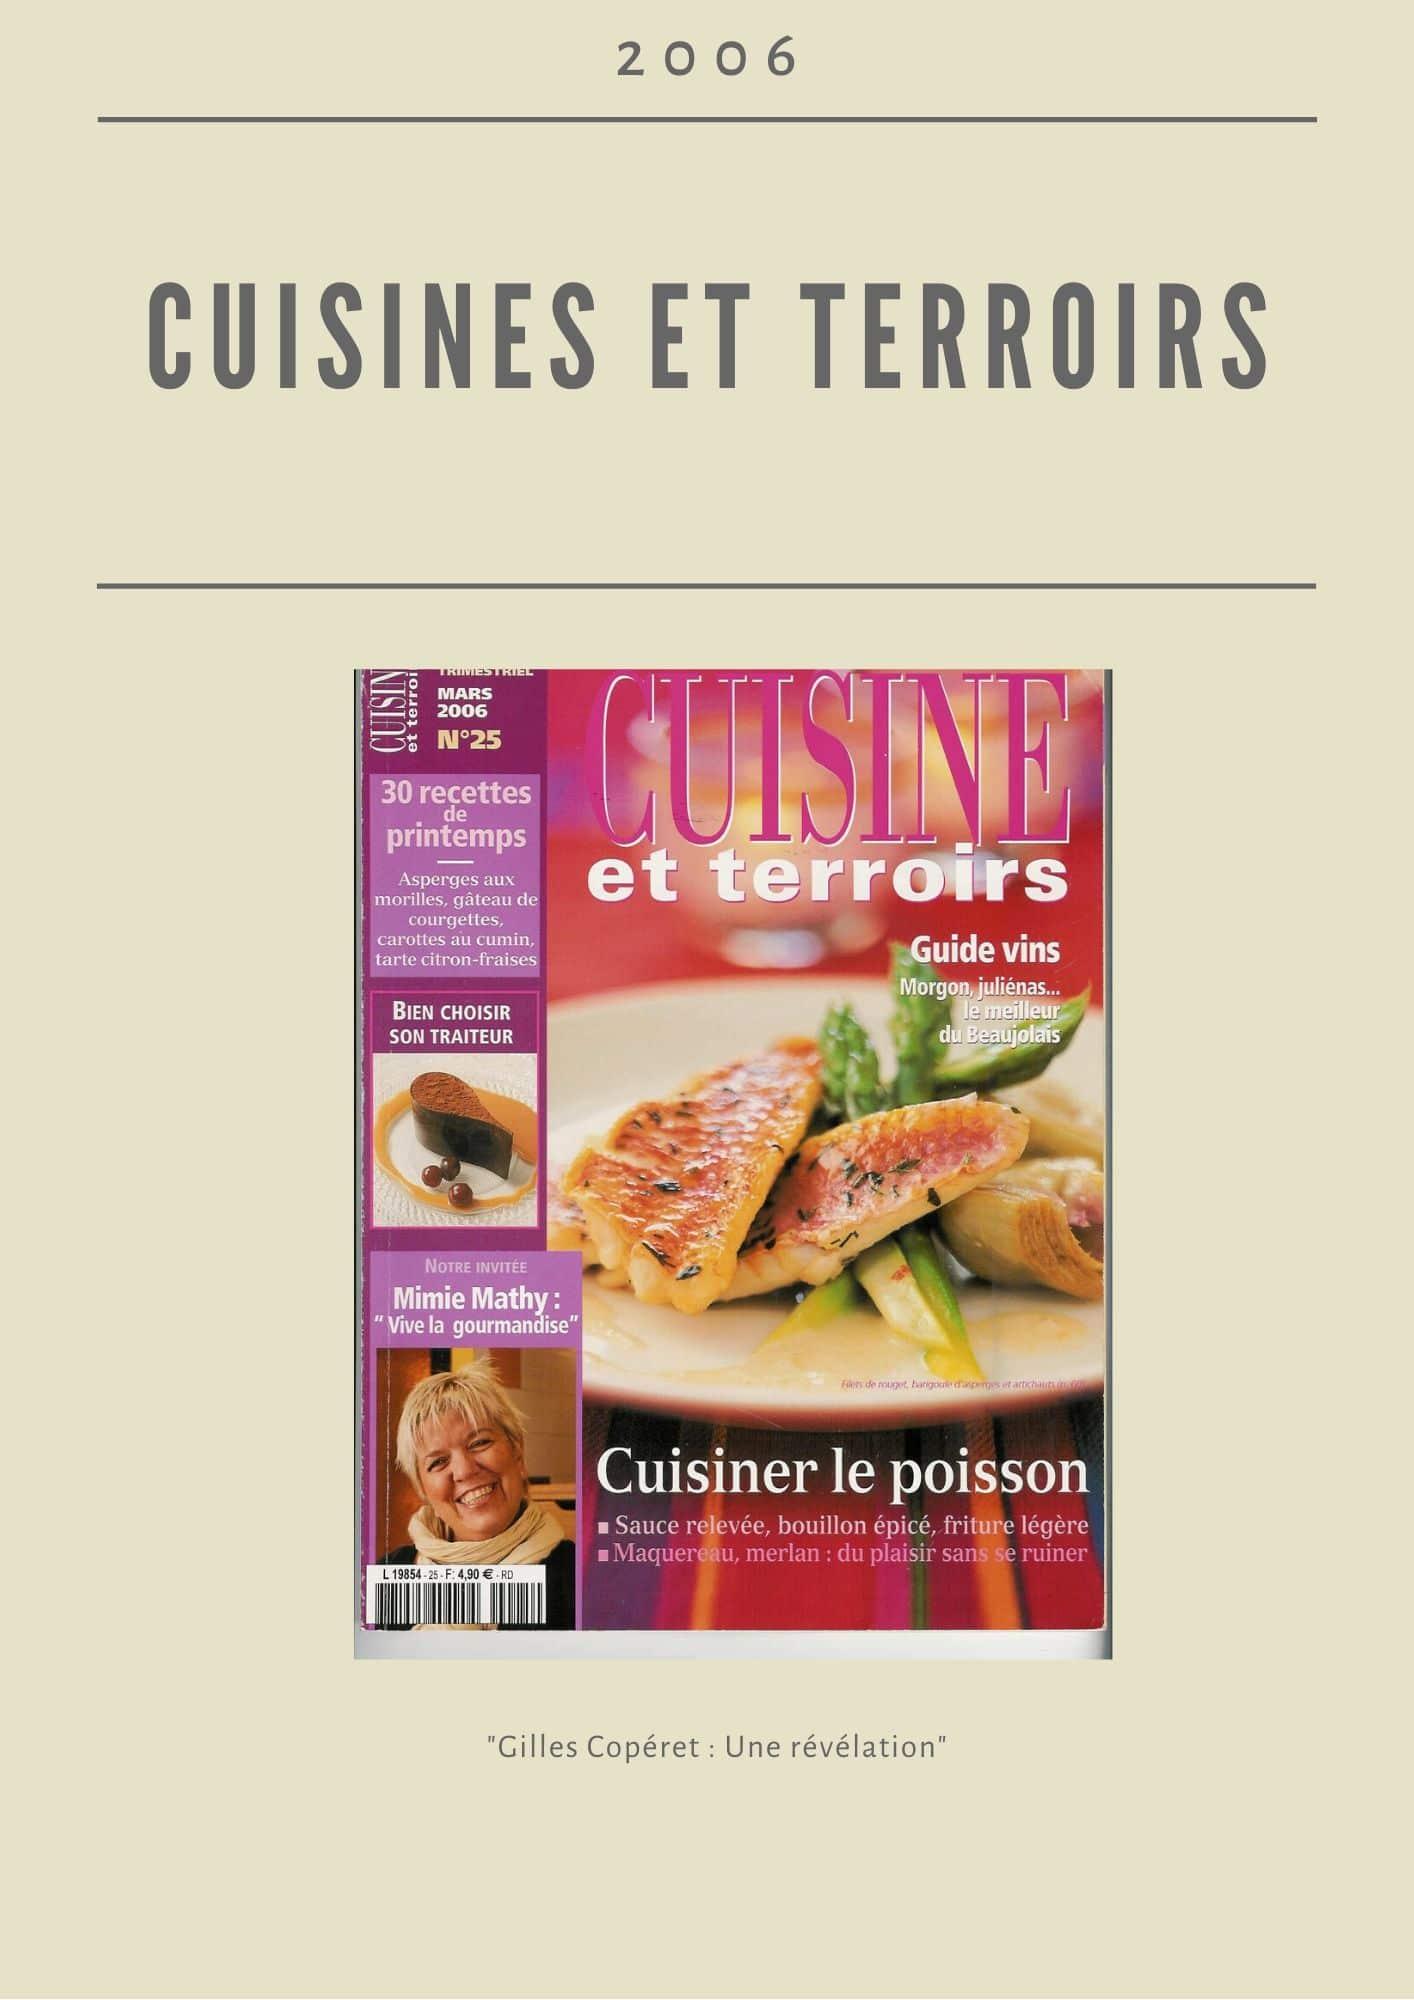 Cuisine et terroir 2006